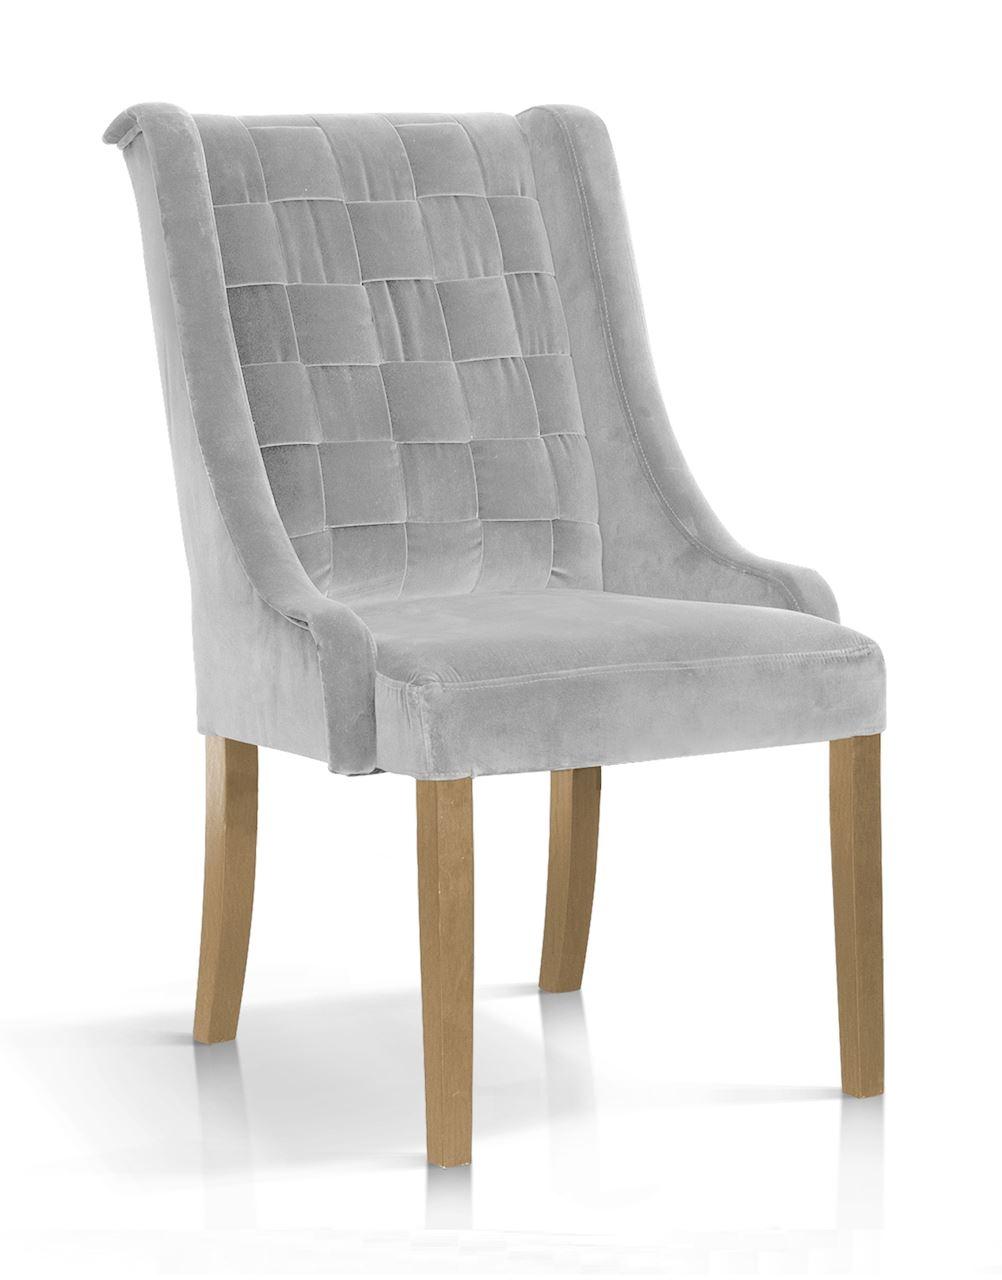 Scaun tapitat cu stofa, cu picioare din lemn Prince Argintiu / Stejar, l55xA70xH105 cm